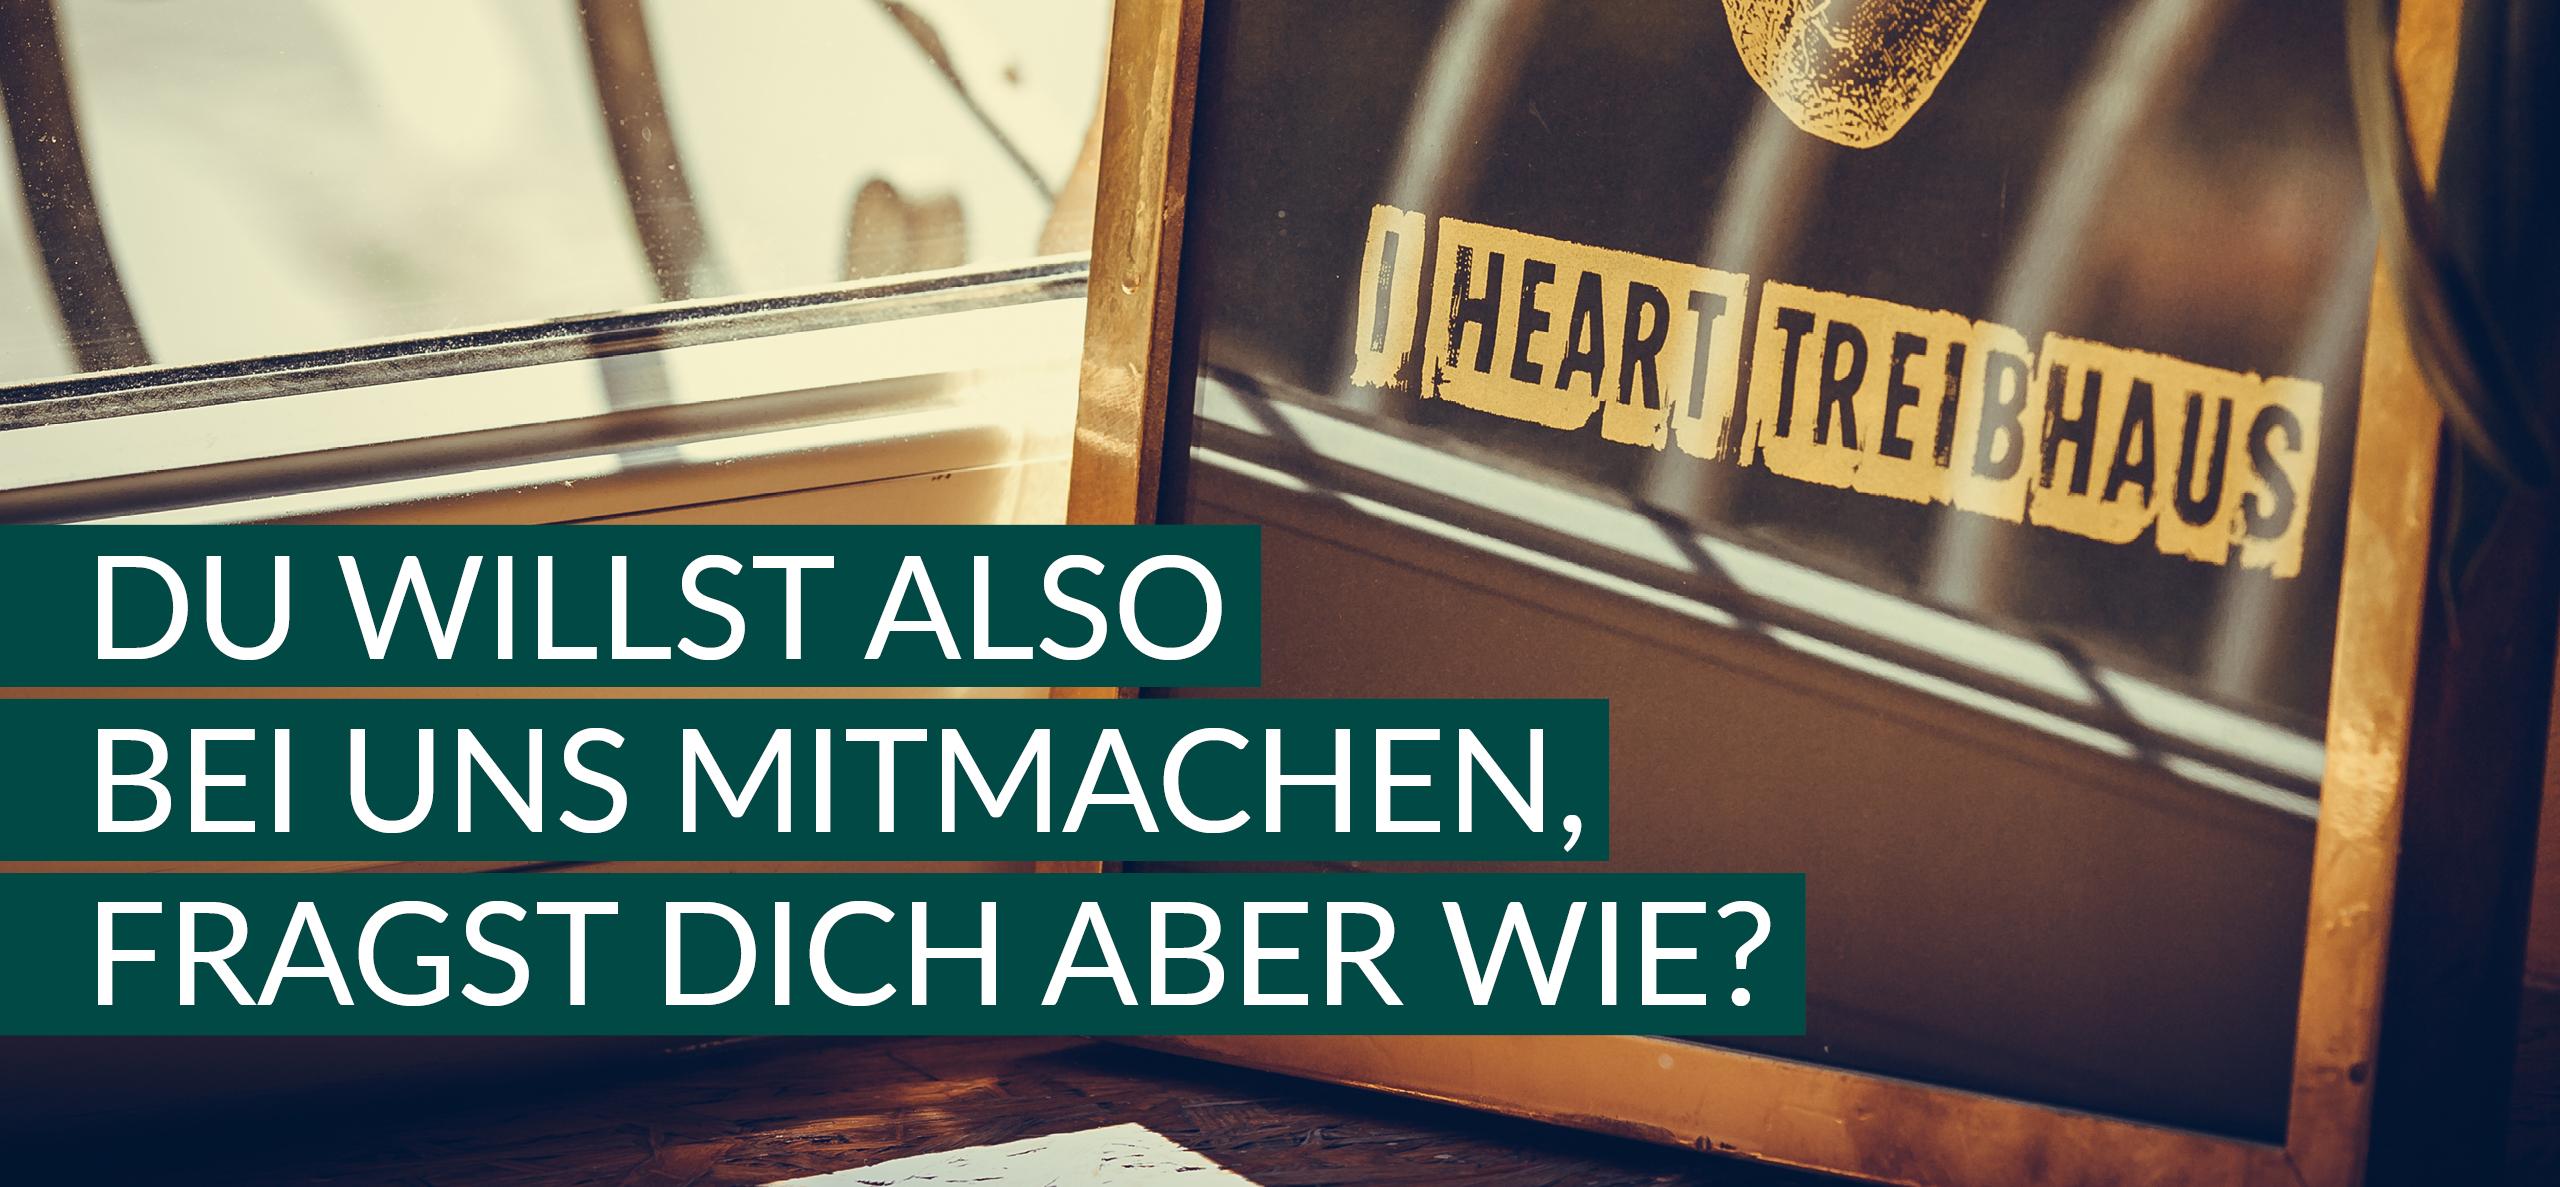 """Ein Siebdrucksieb mit der Aufschrift """"We heart Treibhaus"""". Es wird die Frage gestellt, ob du bei uns mitmachen willst."""